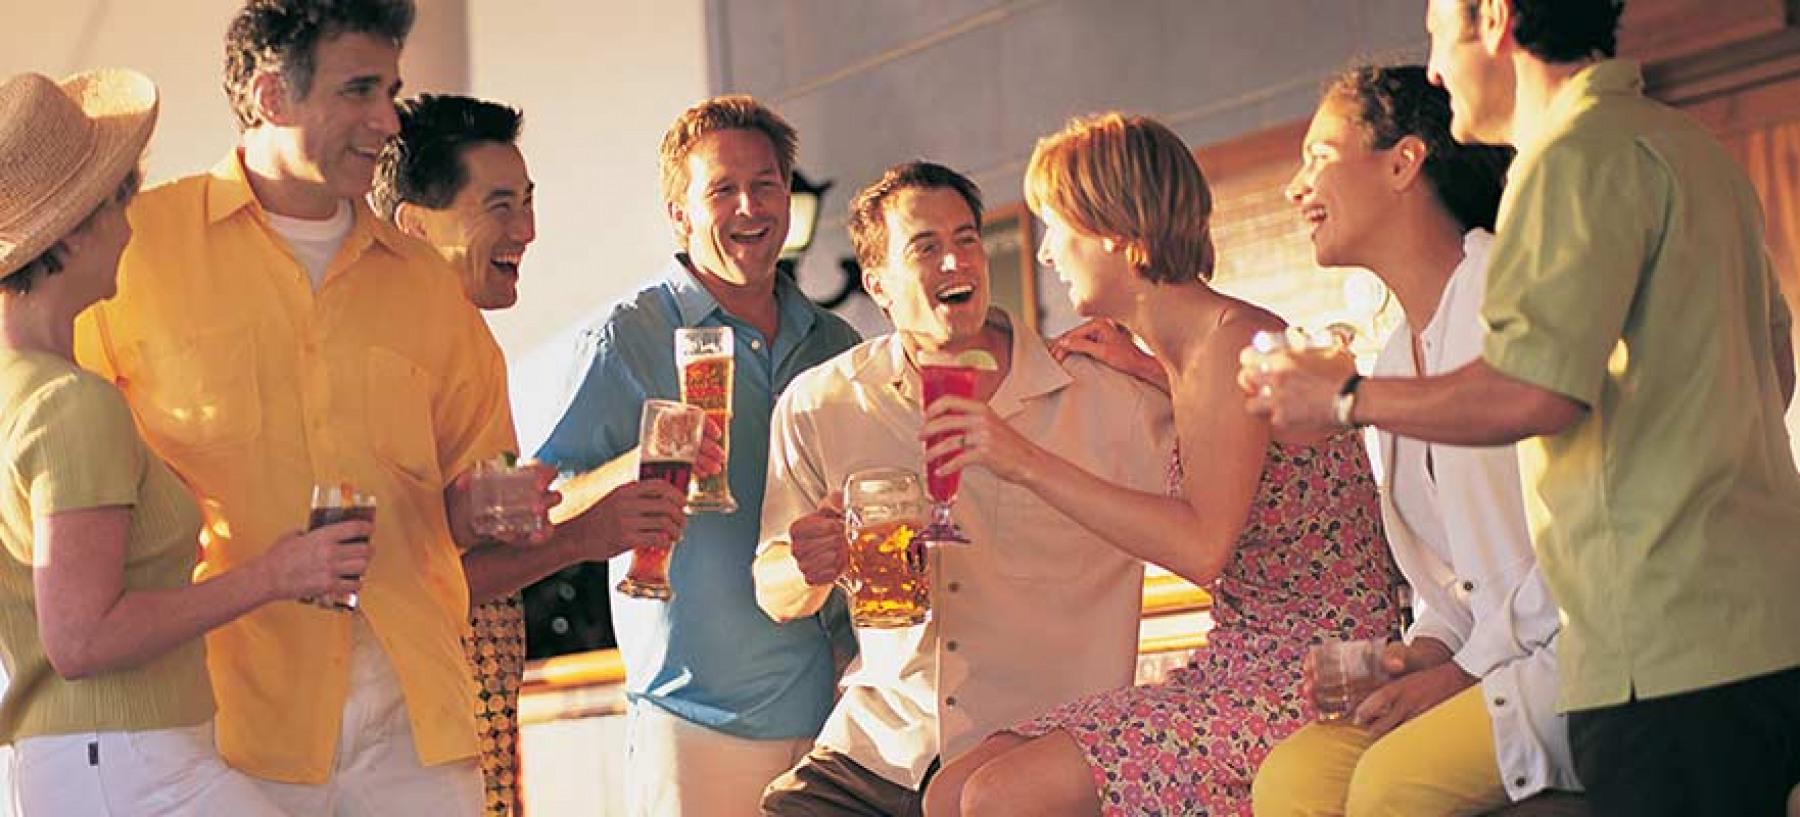 Norwegian Cruise Line Norwegian Star biergarden.jpg